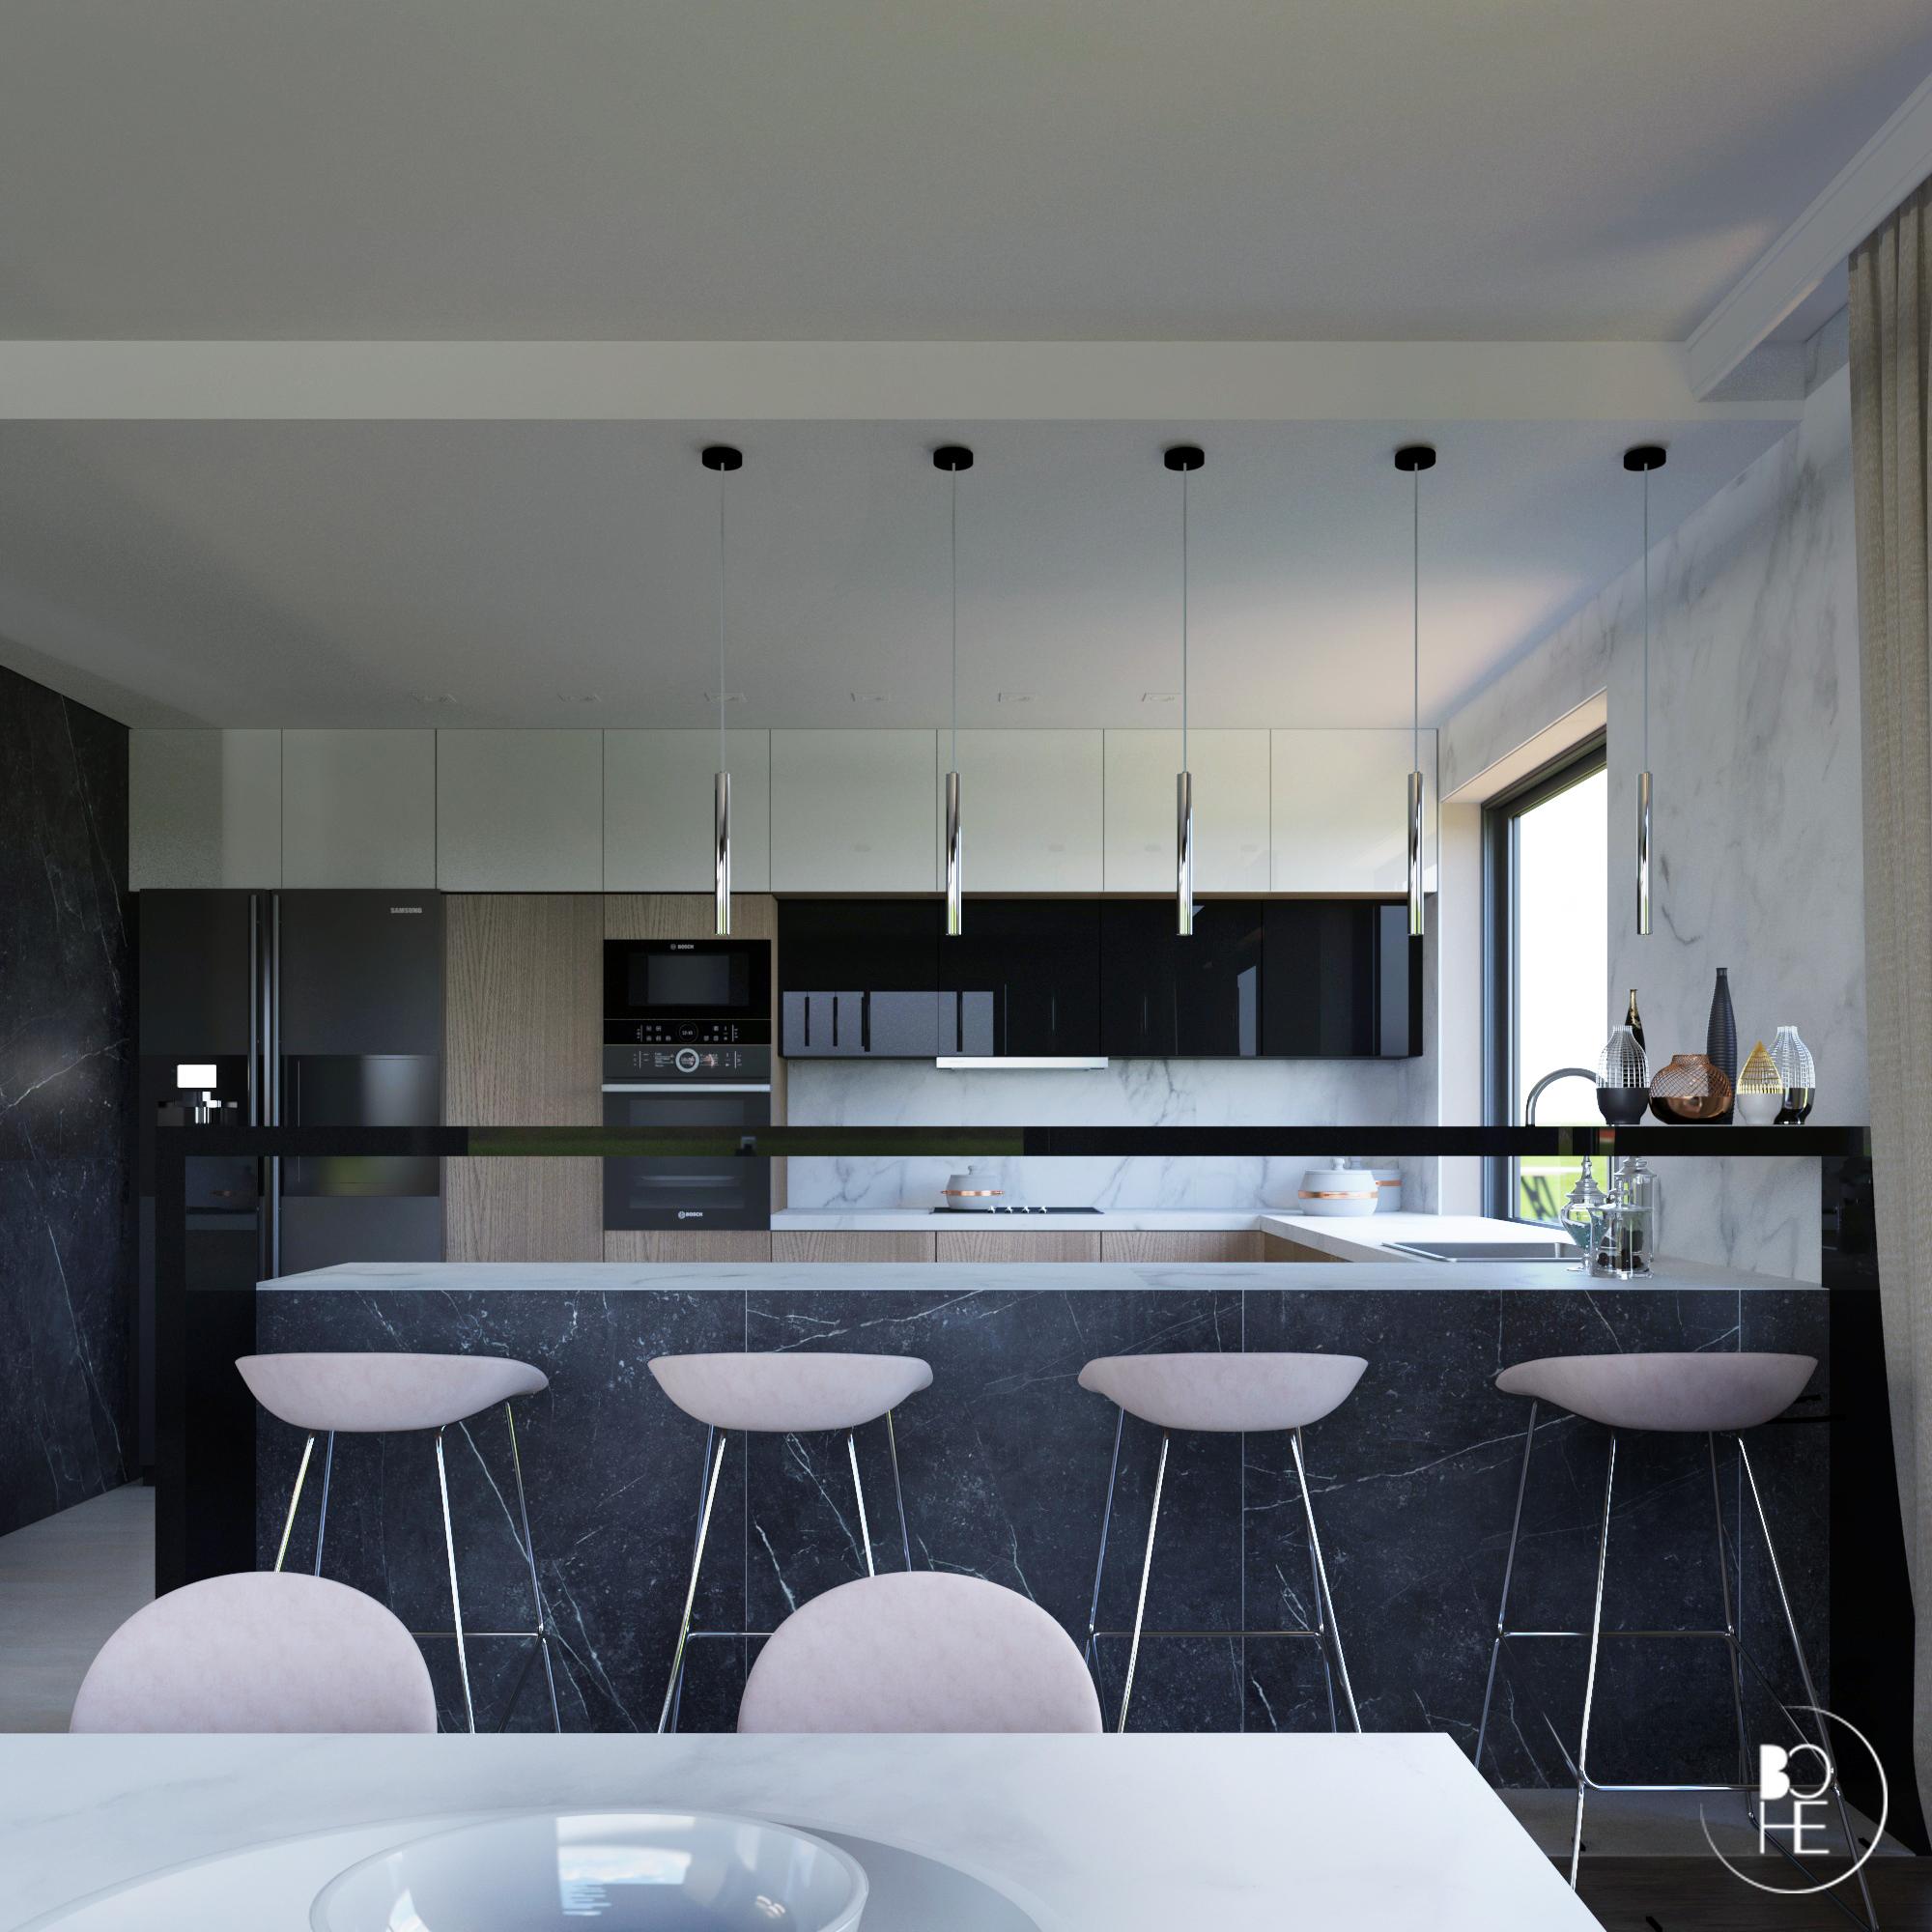 Wizualizacja projektu wnętrza dużej kuchni, z dwudrzwiową lodówką i z dużym obszarem roboczym